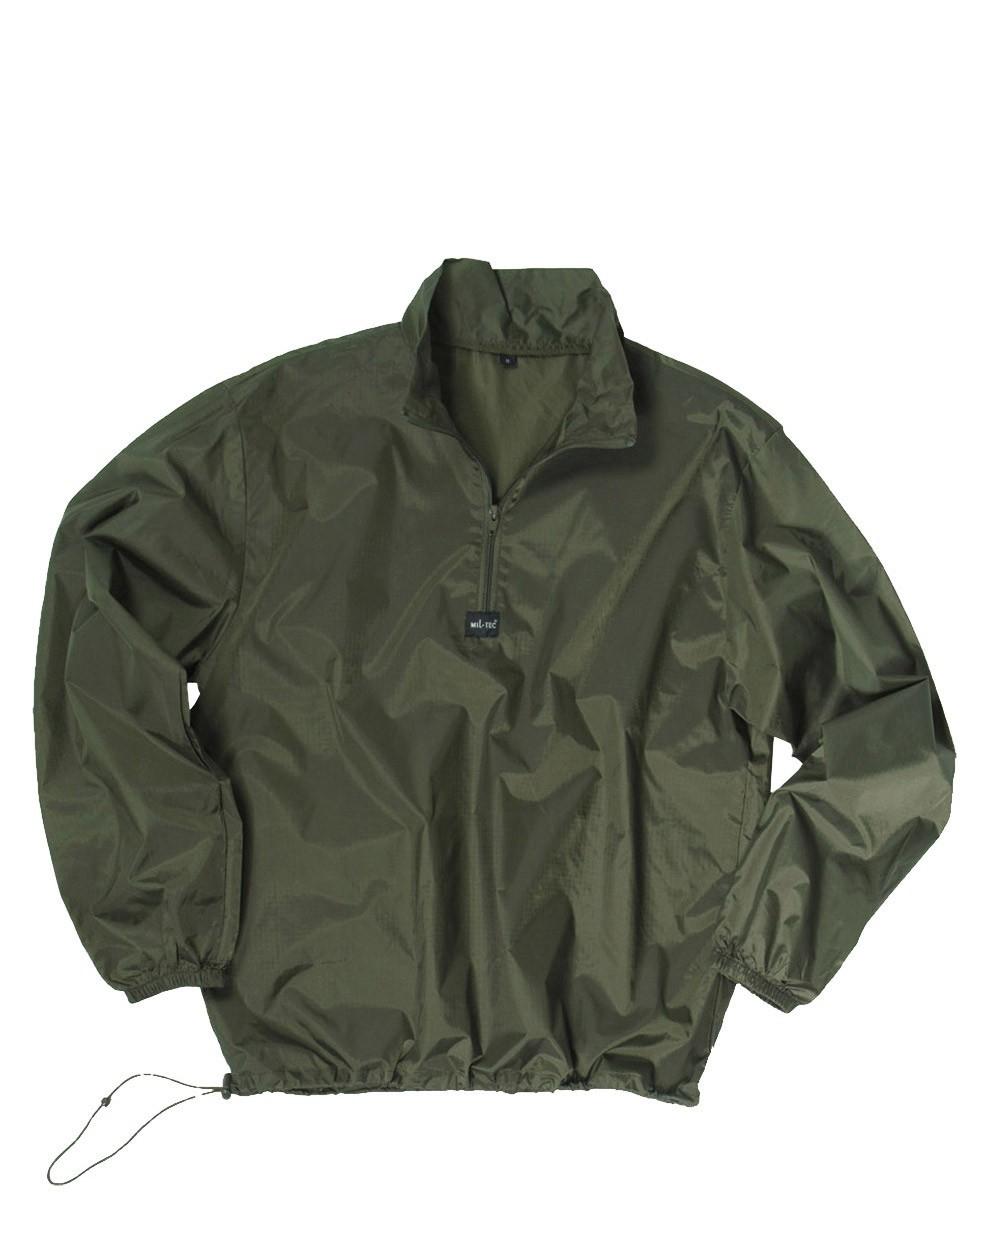 Куртка ветровка Mil-Tec - Windshirt (олива - olive)